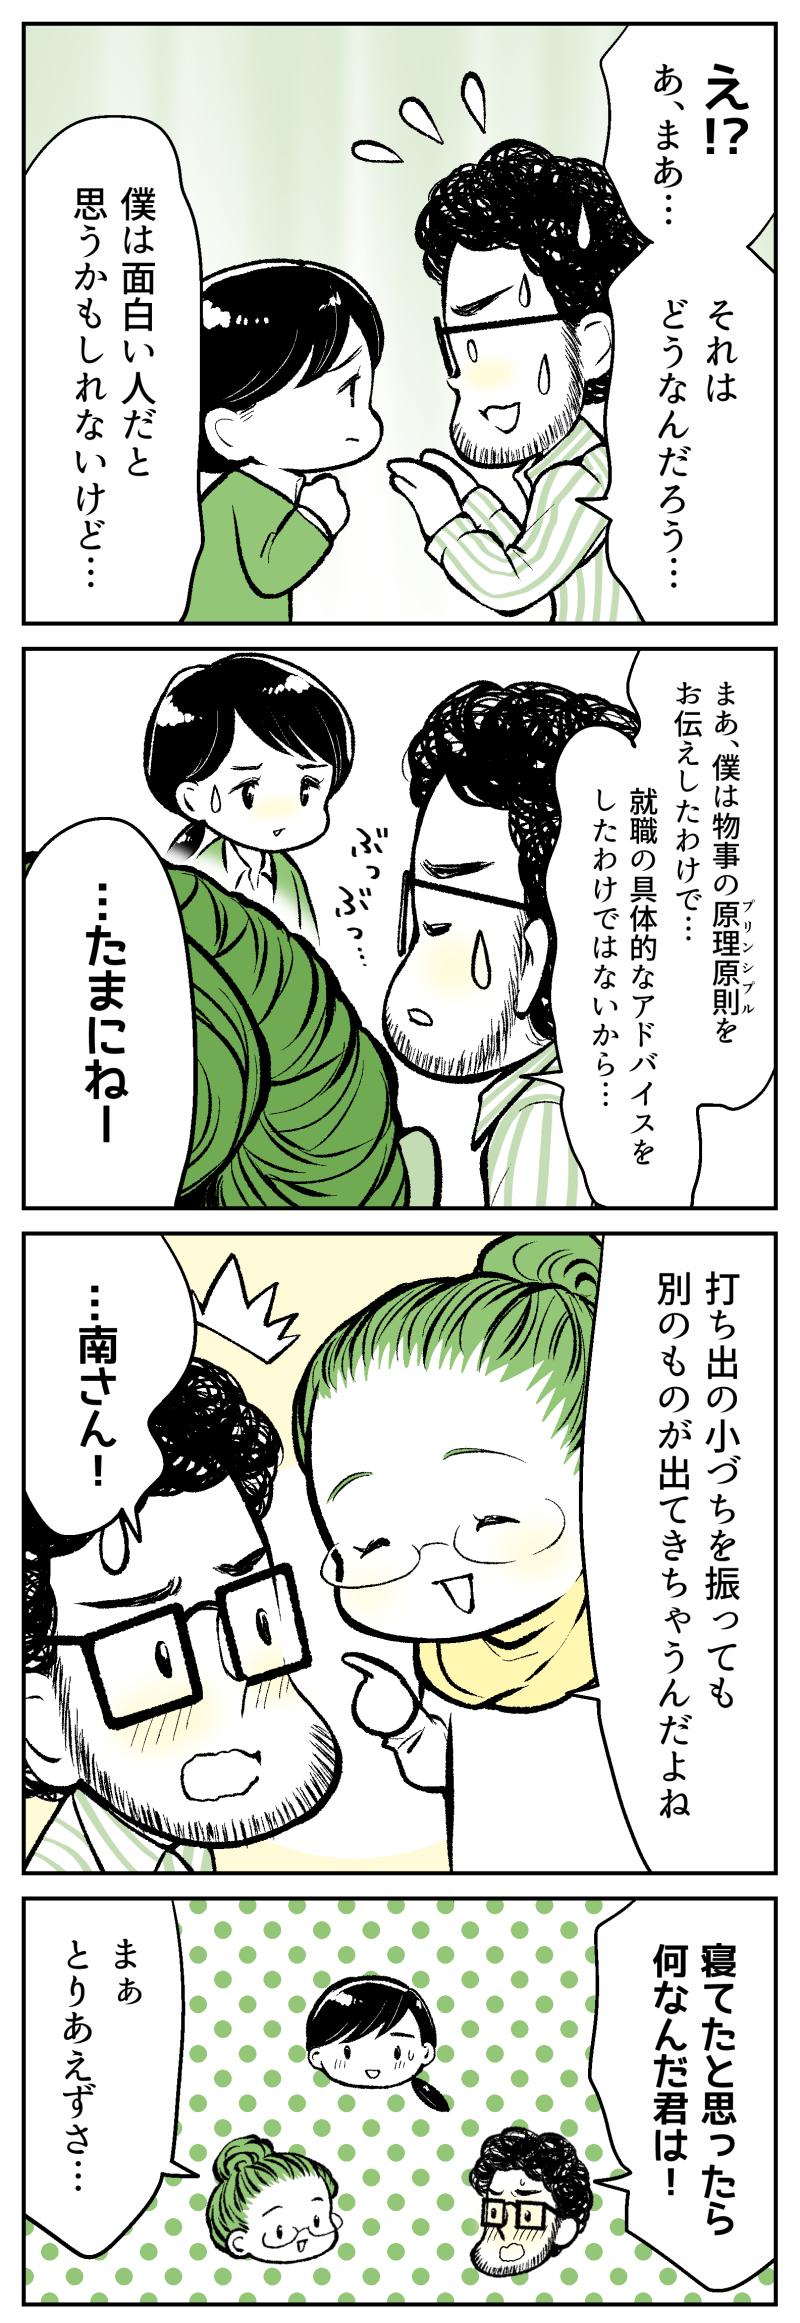 伯爵3話_006.jpg